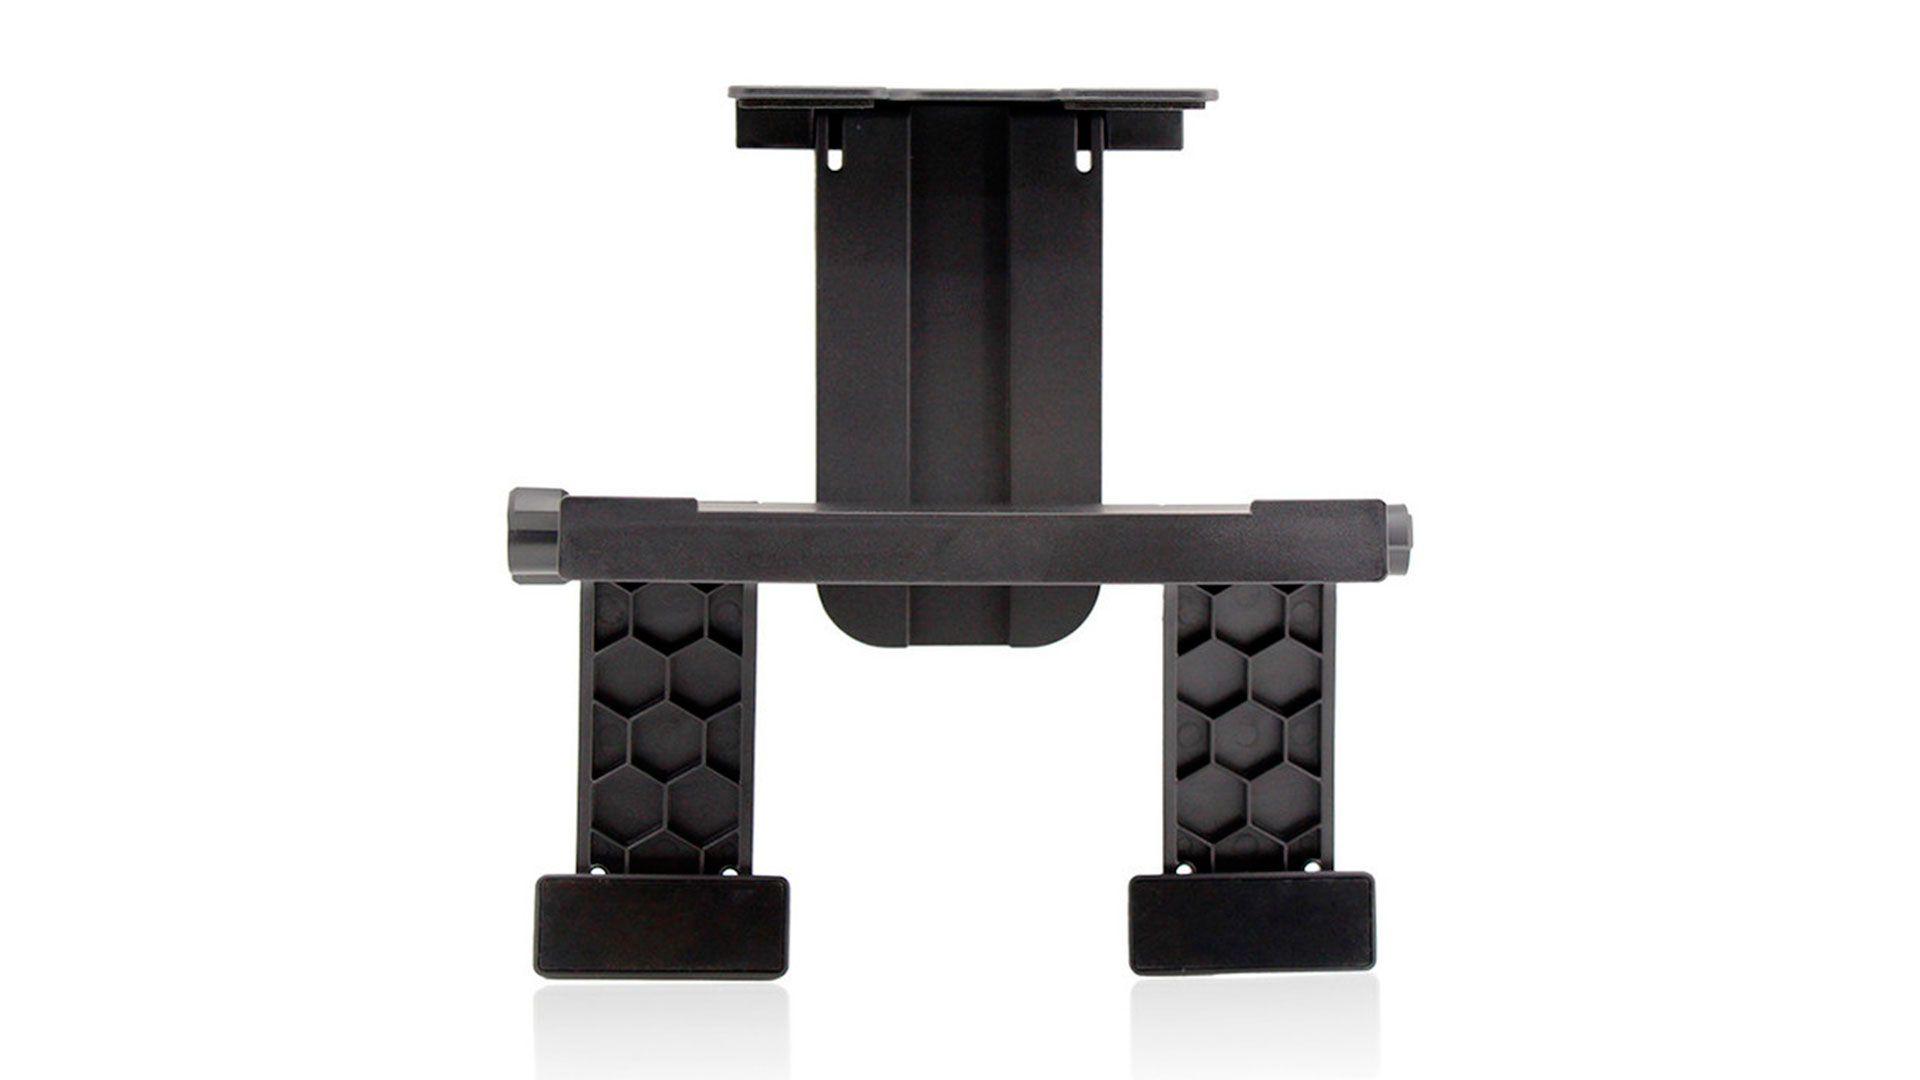 TV Крепление Kinect 2 изображение 5